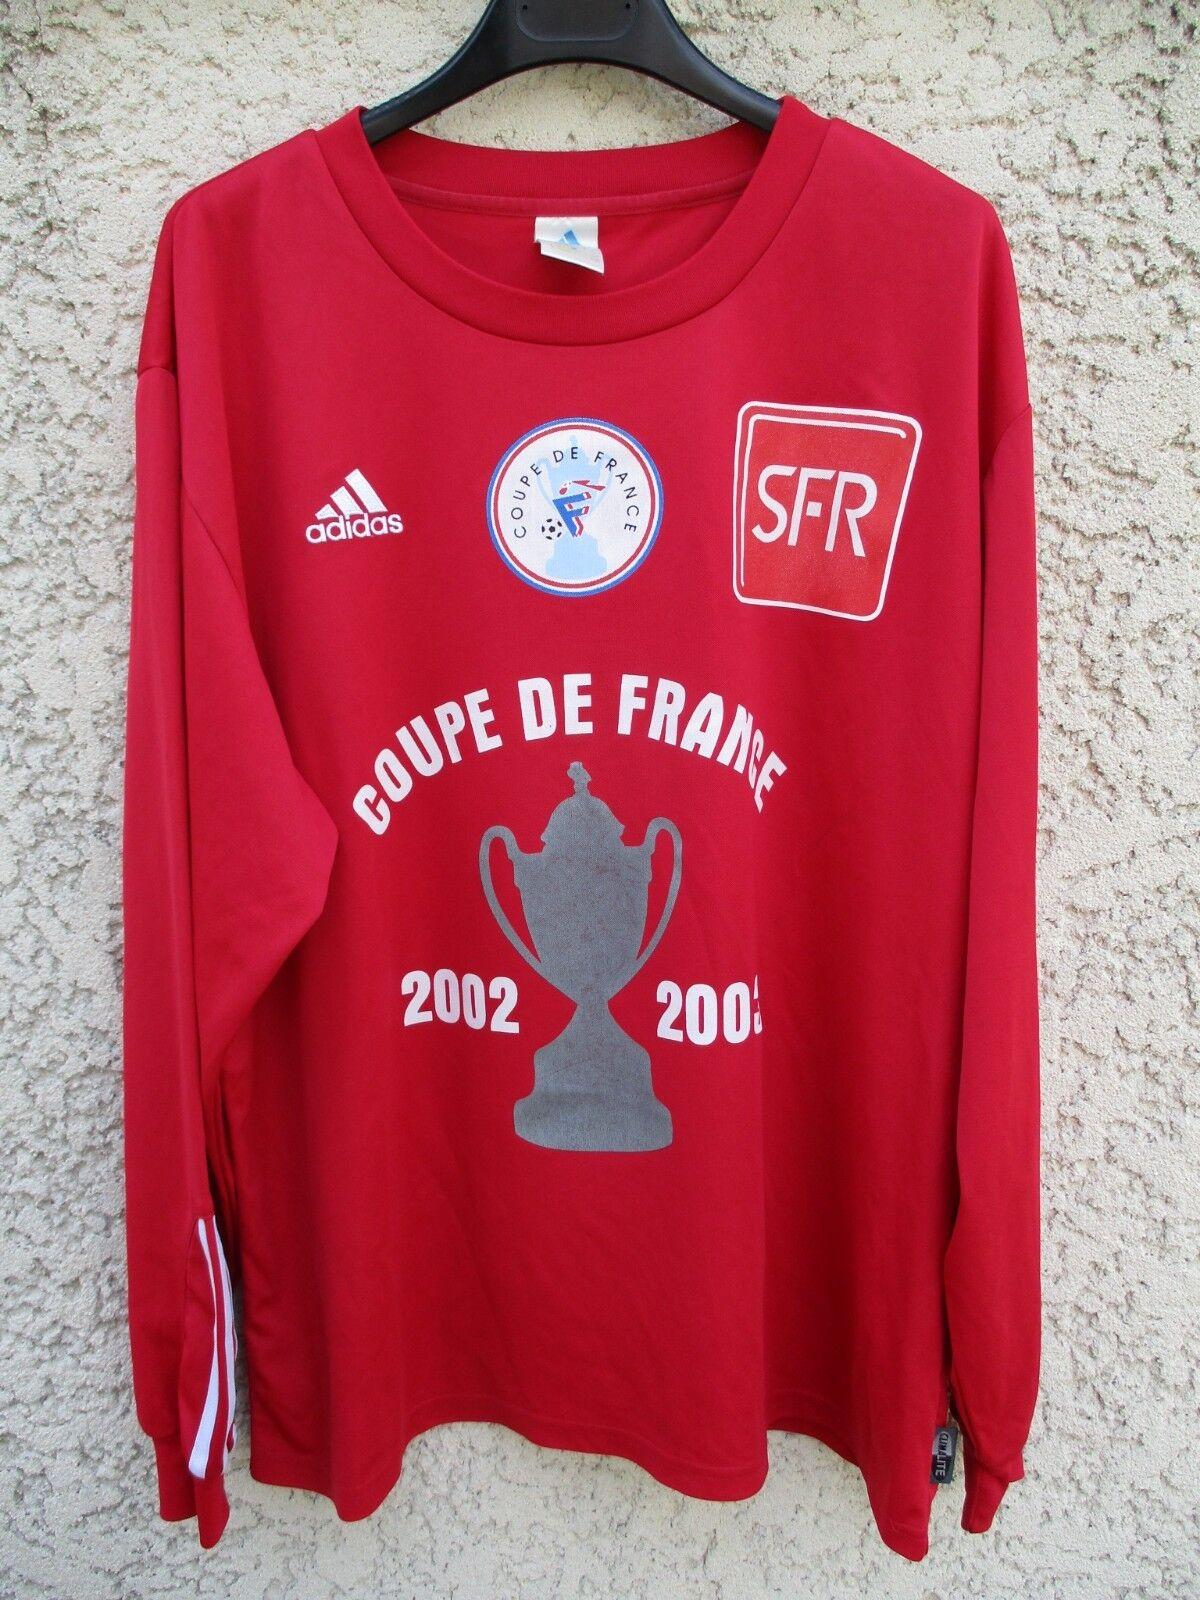 Maillot COUPE DE FRANCE 2003 porté manches n°6 rouge vintage ADIDAS manches porté longues XL 25f3c5